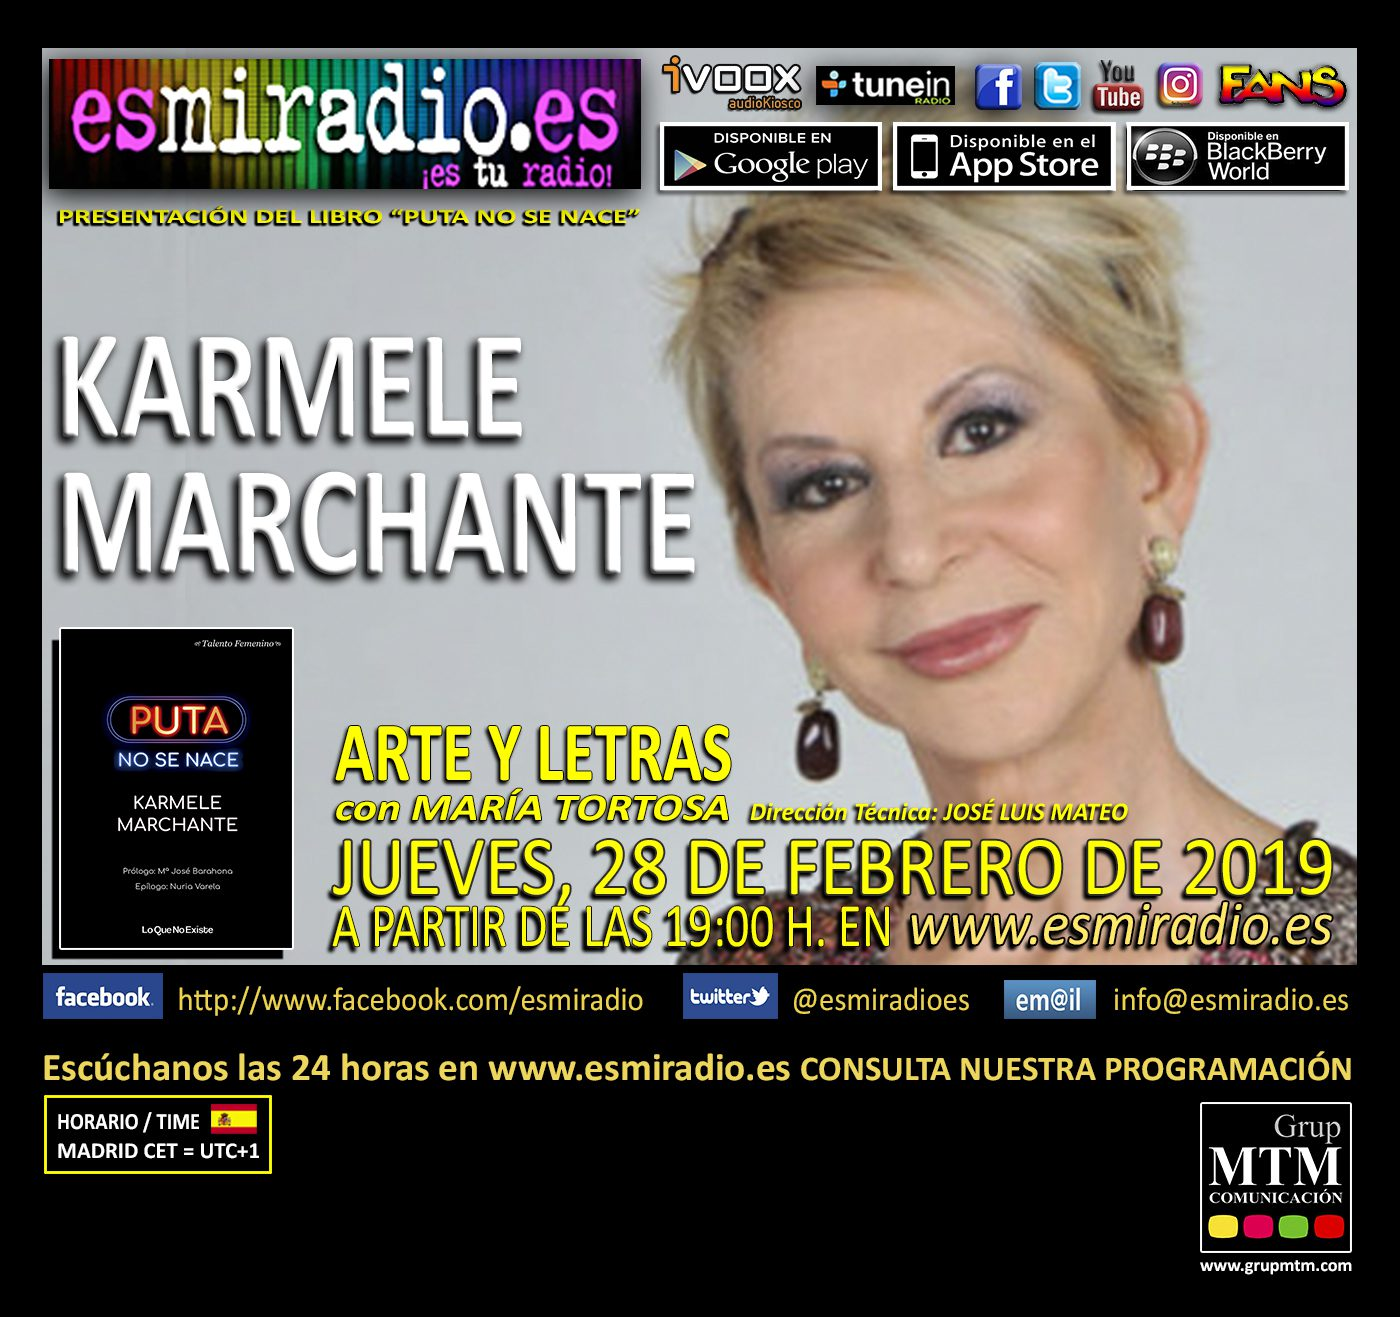 Karmele Marchante enesmiradio.es el Jueves, 28 de Febrero de 2019